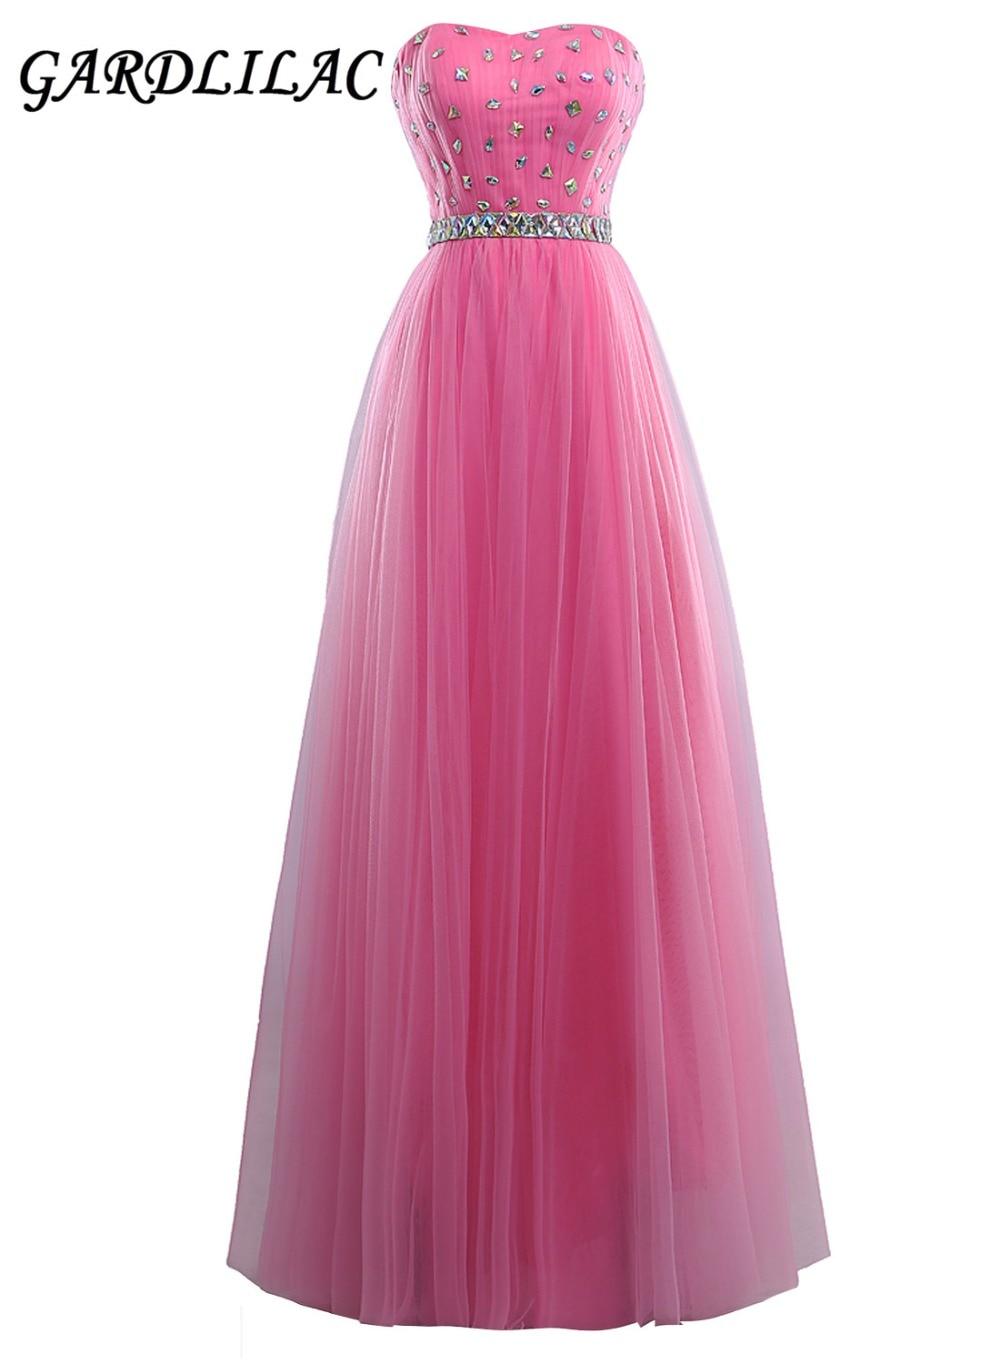 Nuovi abiti da damigella d'onore lungo rosa senza spalline 2019 Plus Size Abito da sposa in tulle con perline Maid of Honor Prom Gown